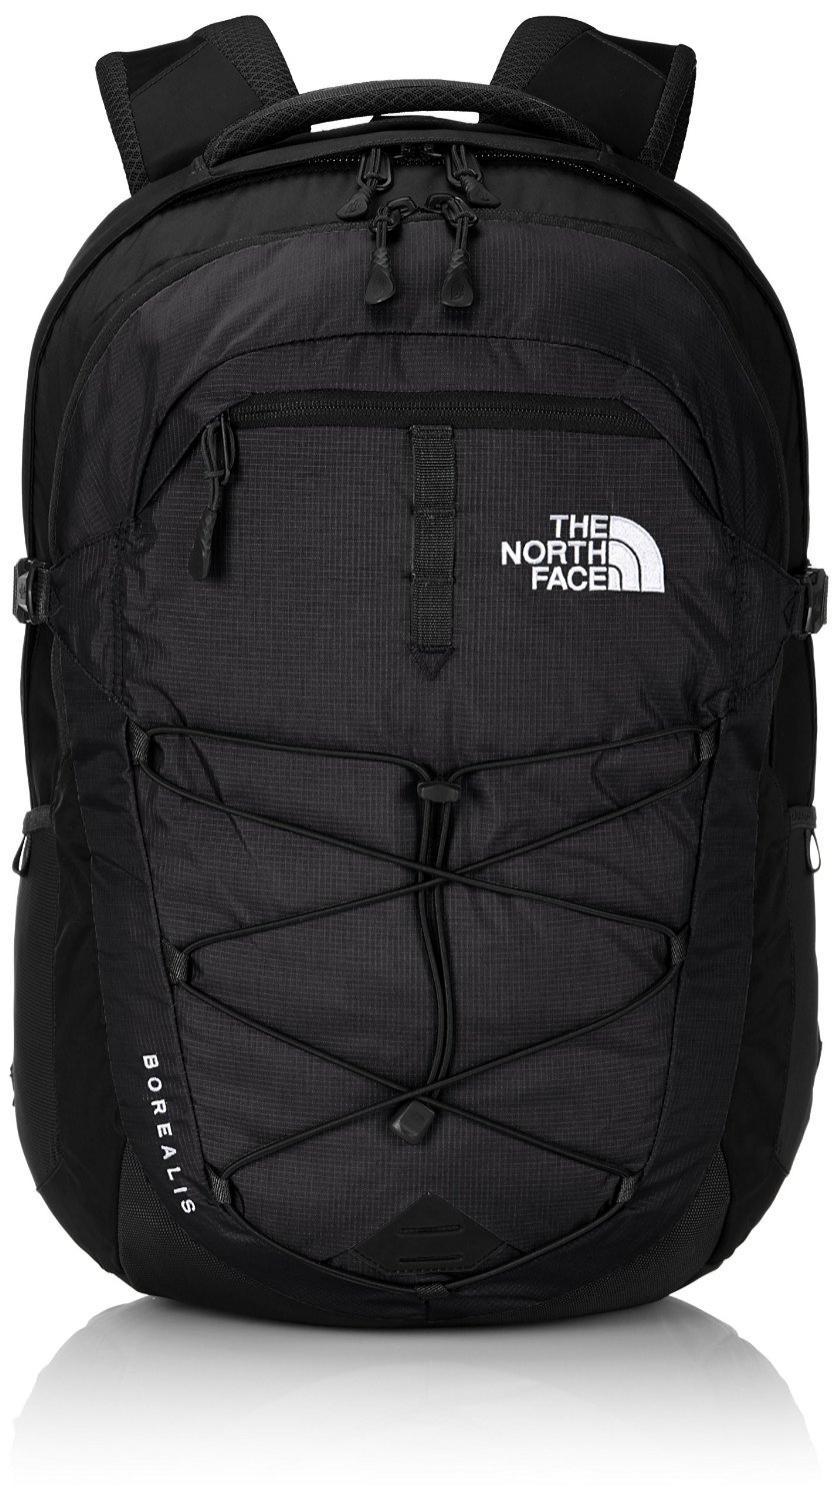 Sac à dos Borealis The North Face - 21L, Noir